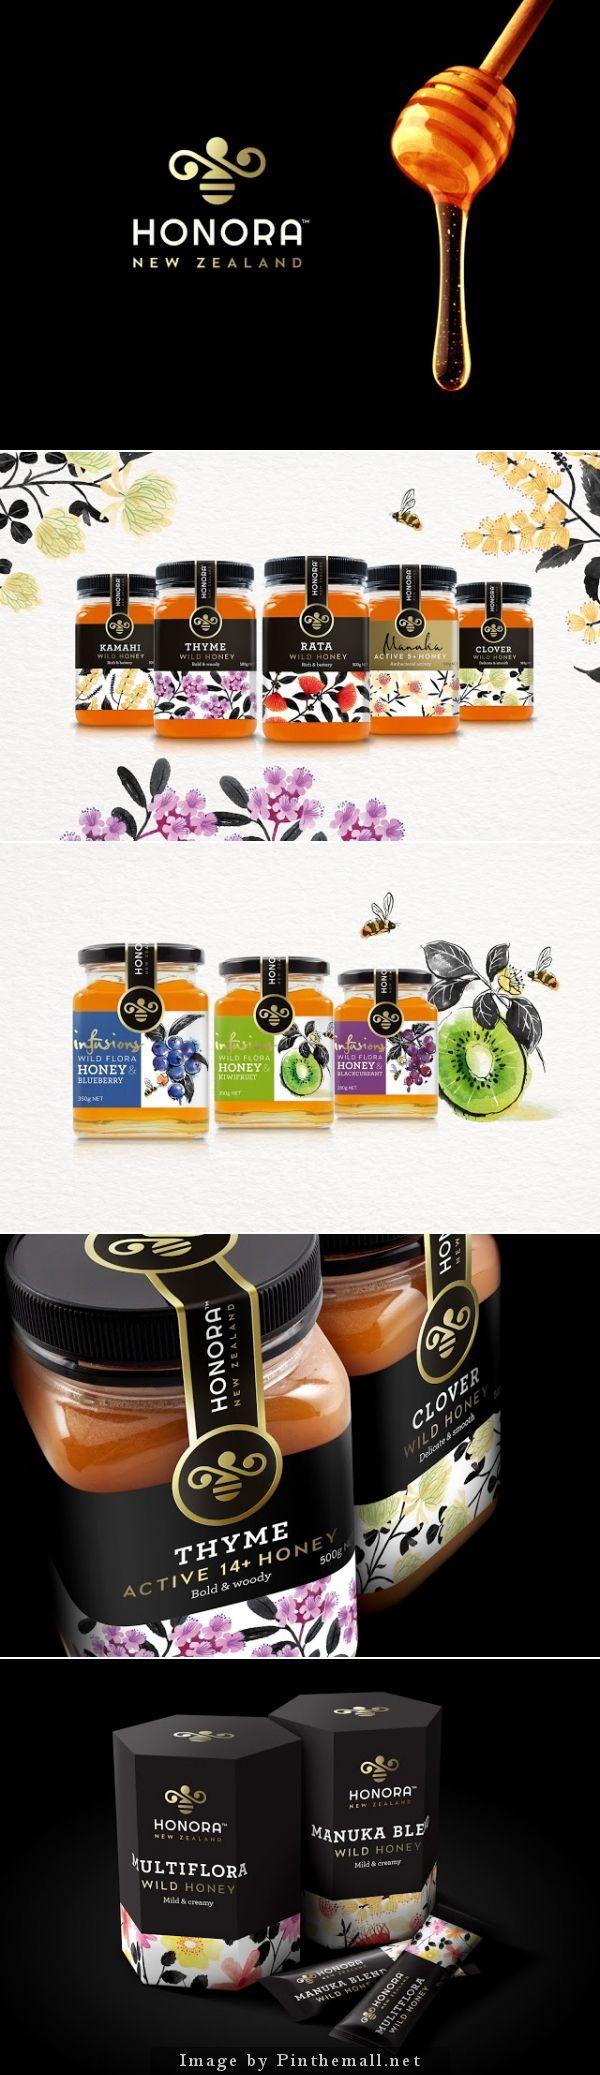 Honora Honey. Agency: Curious Design. Designer: Monique Pilley